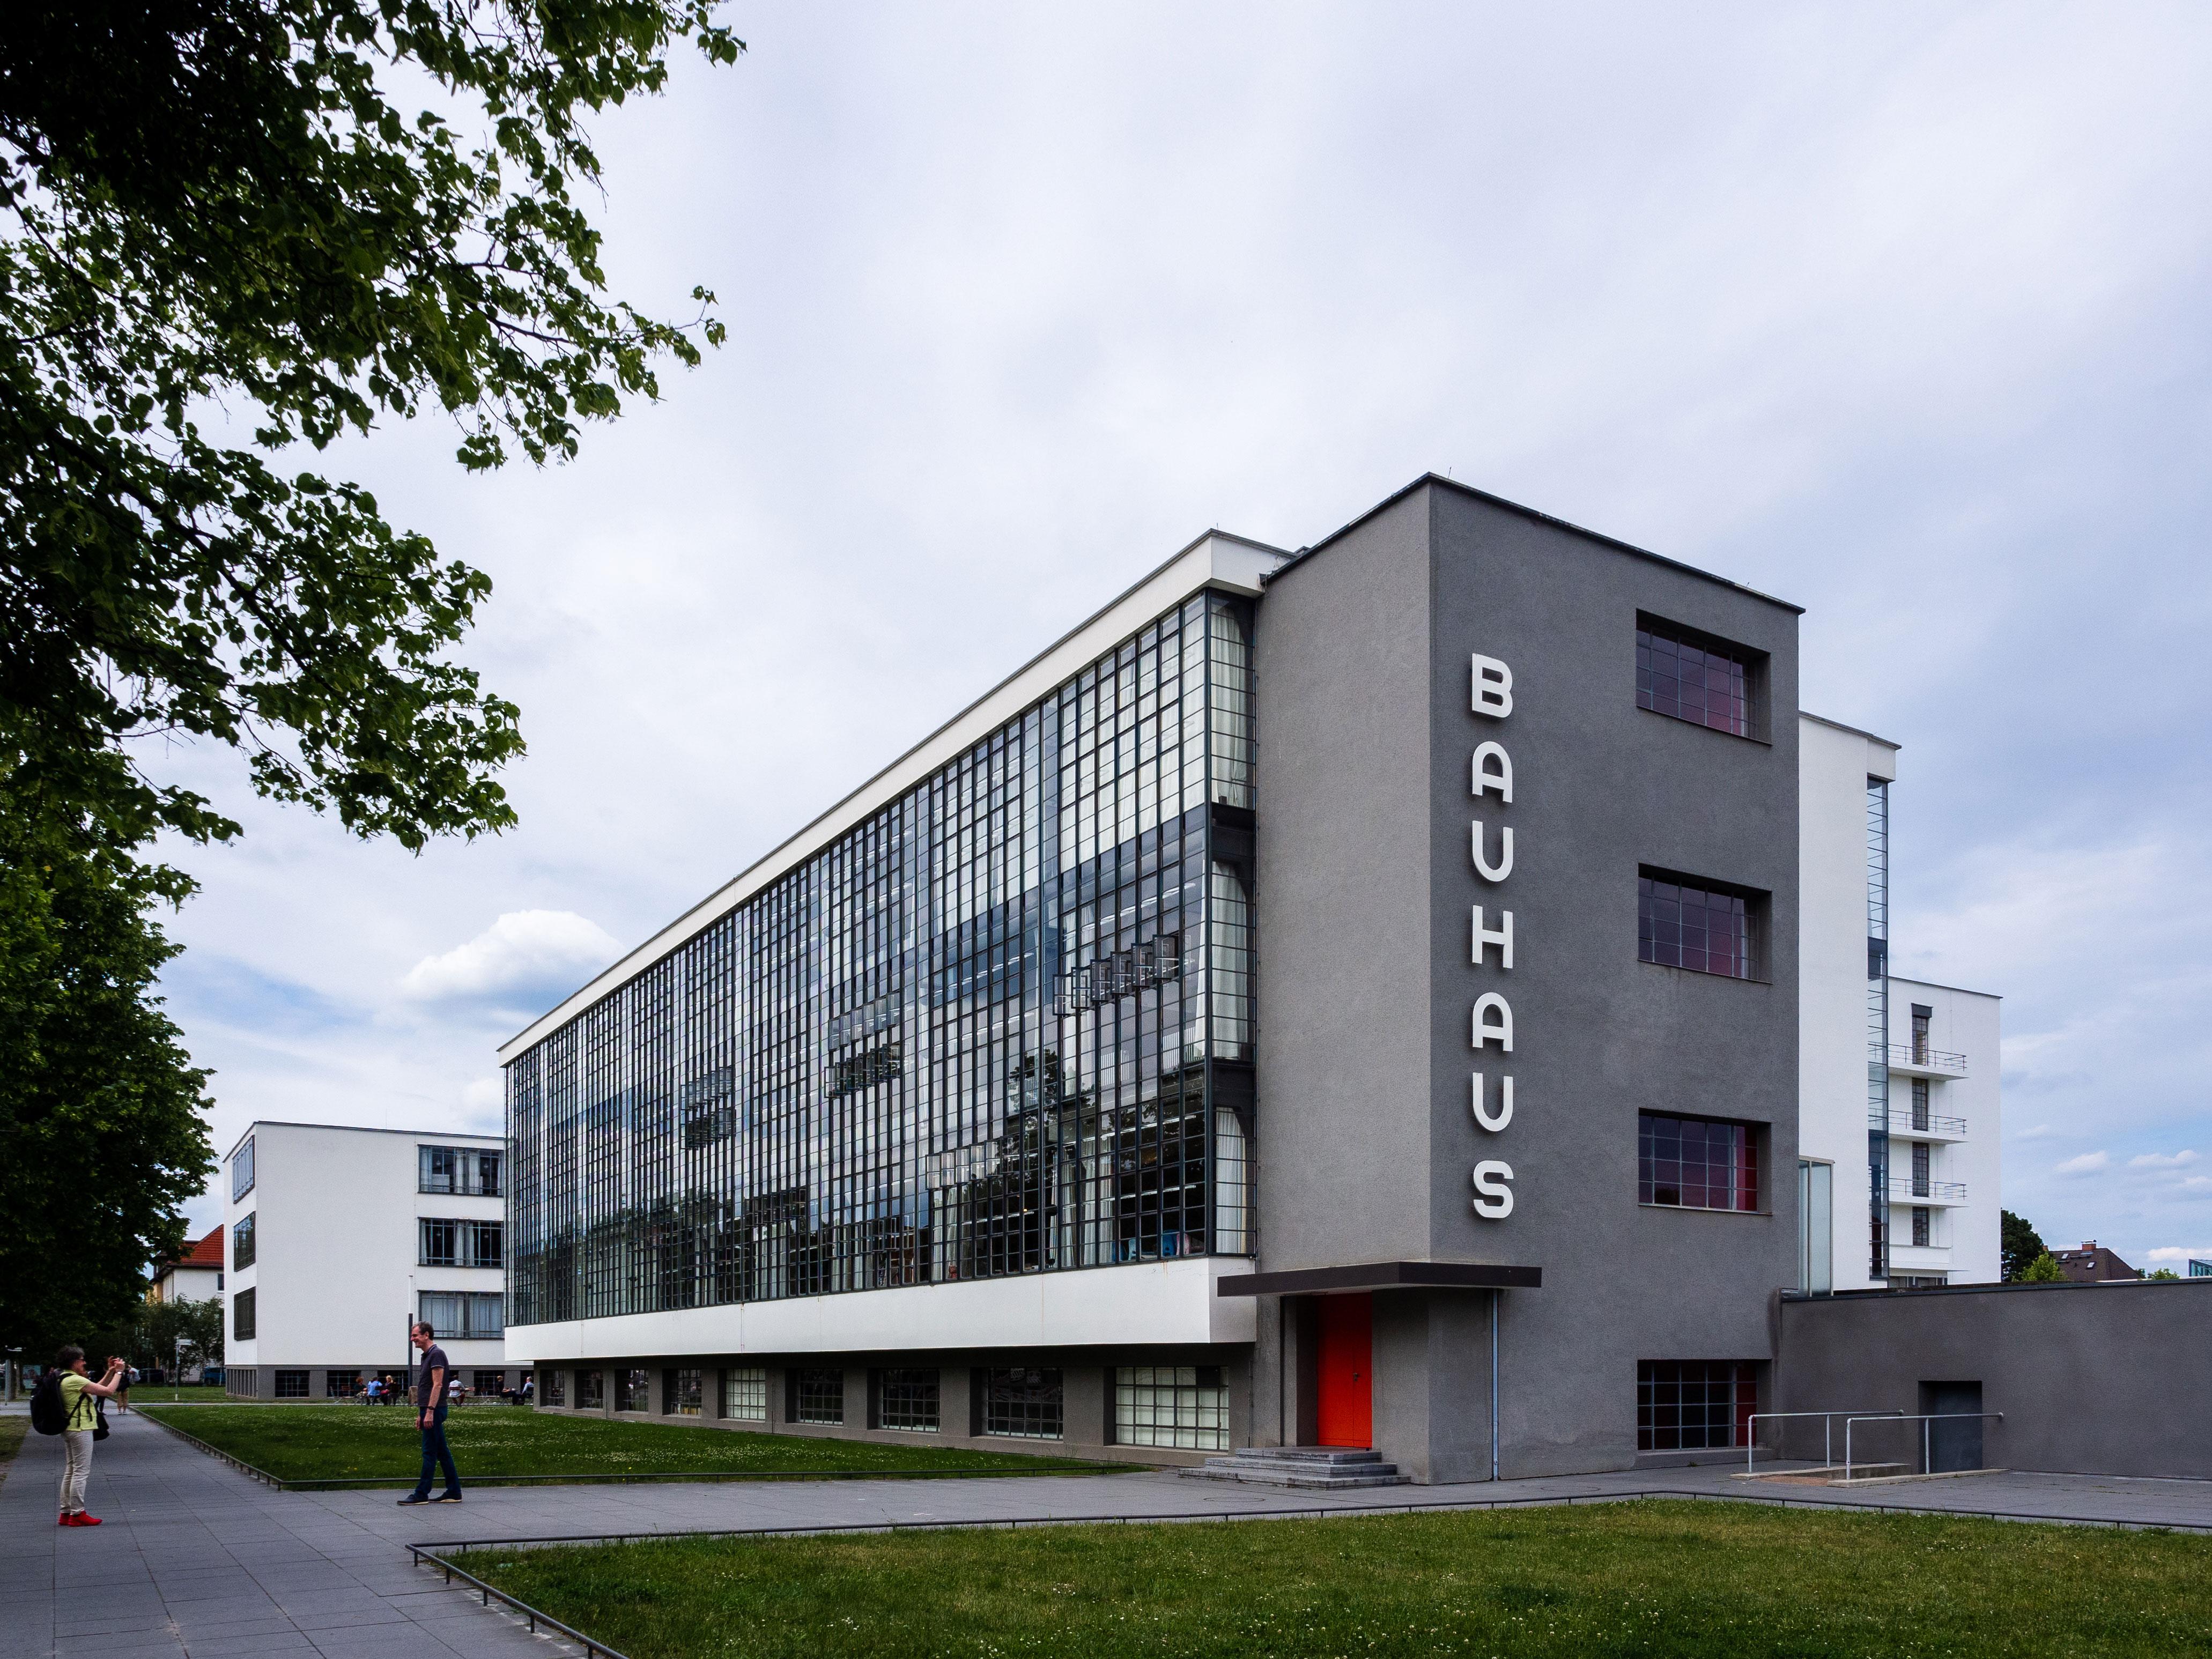 *Sede de la Bauhaus en Dessau*